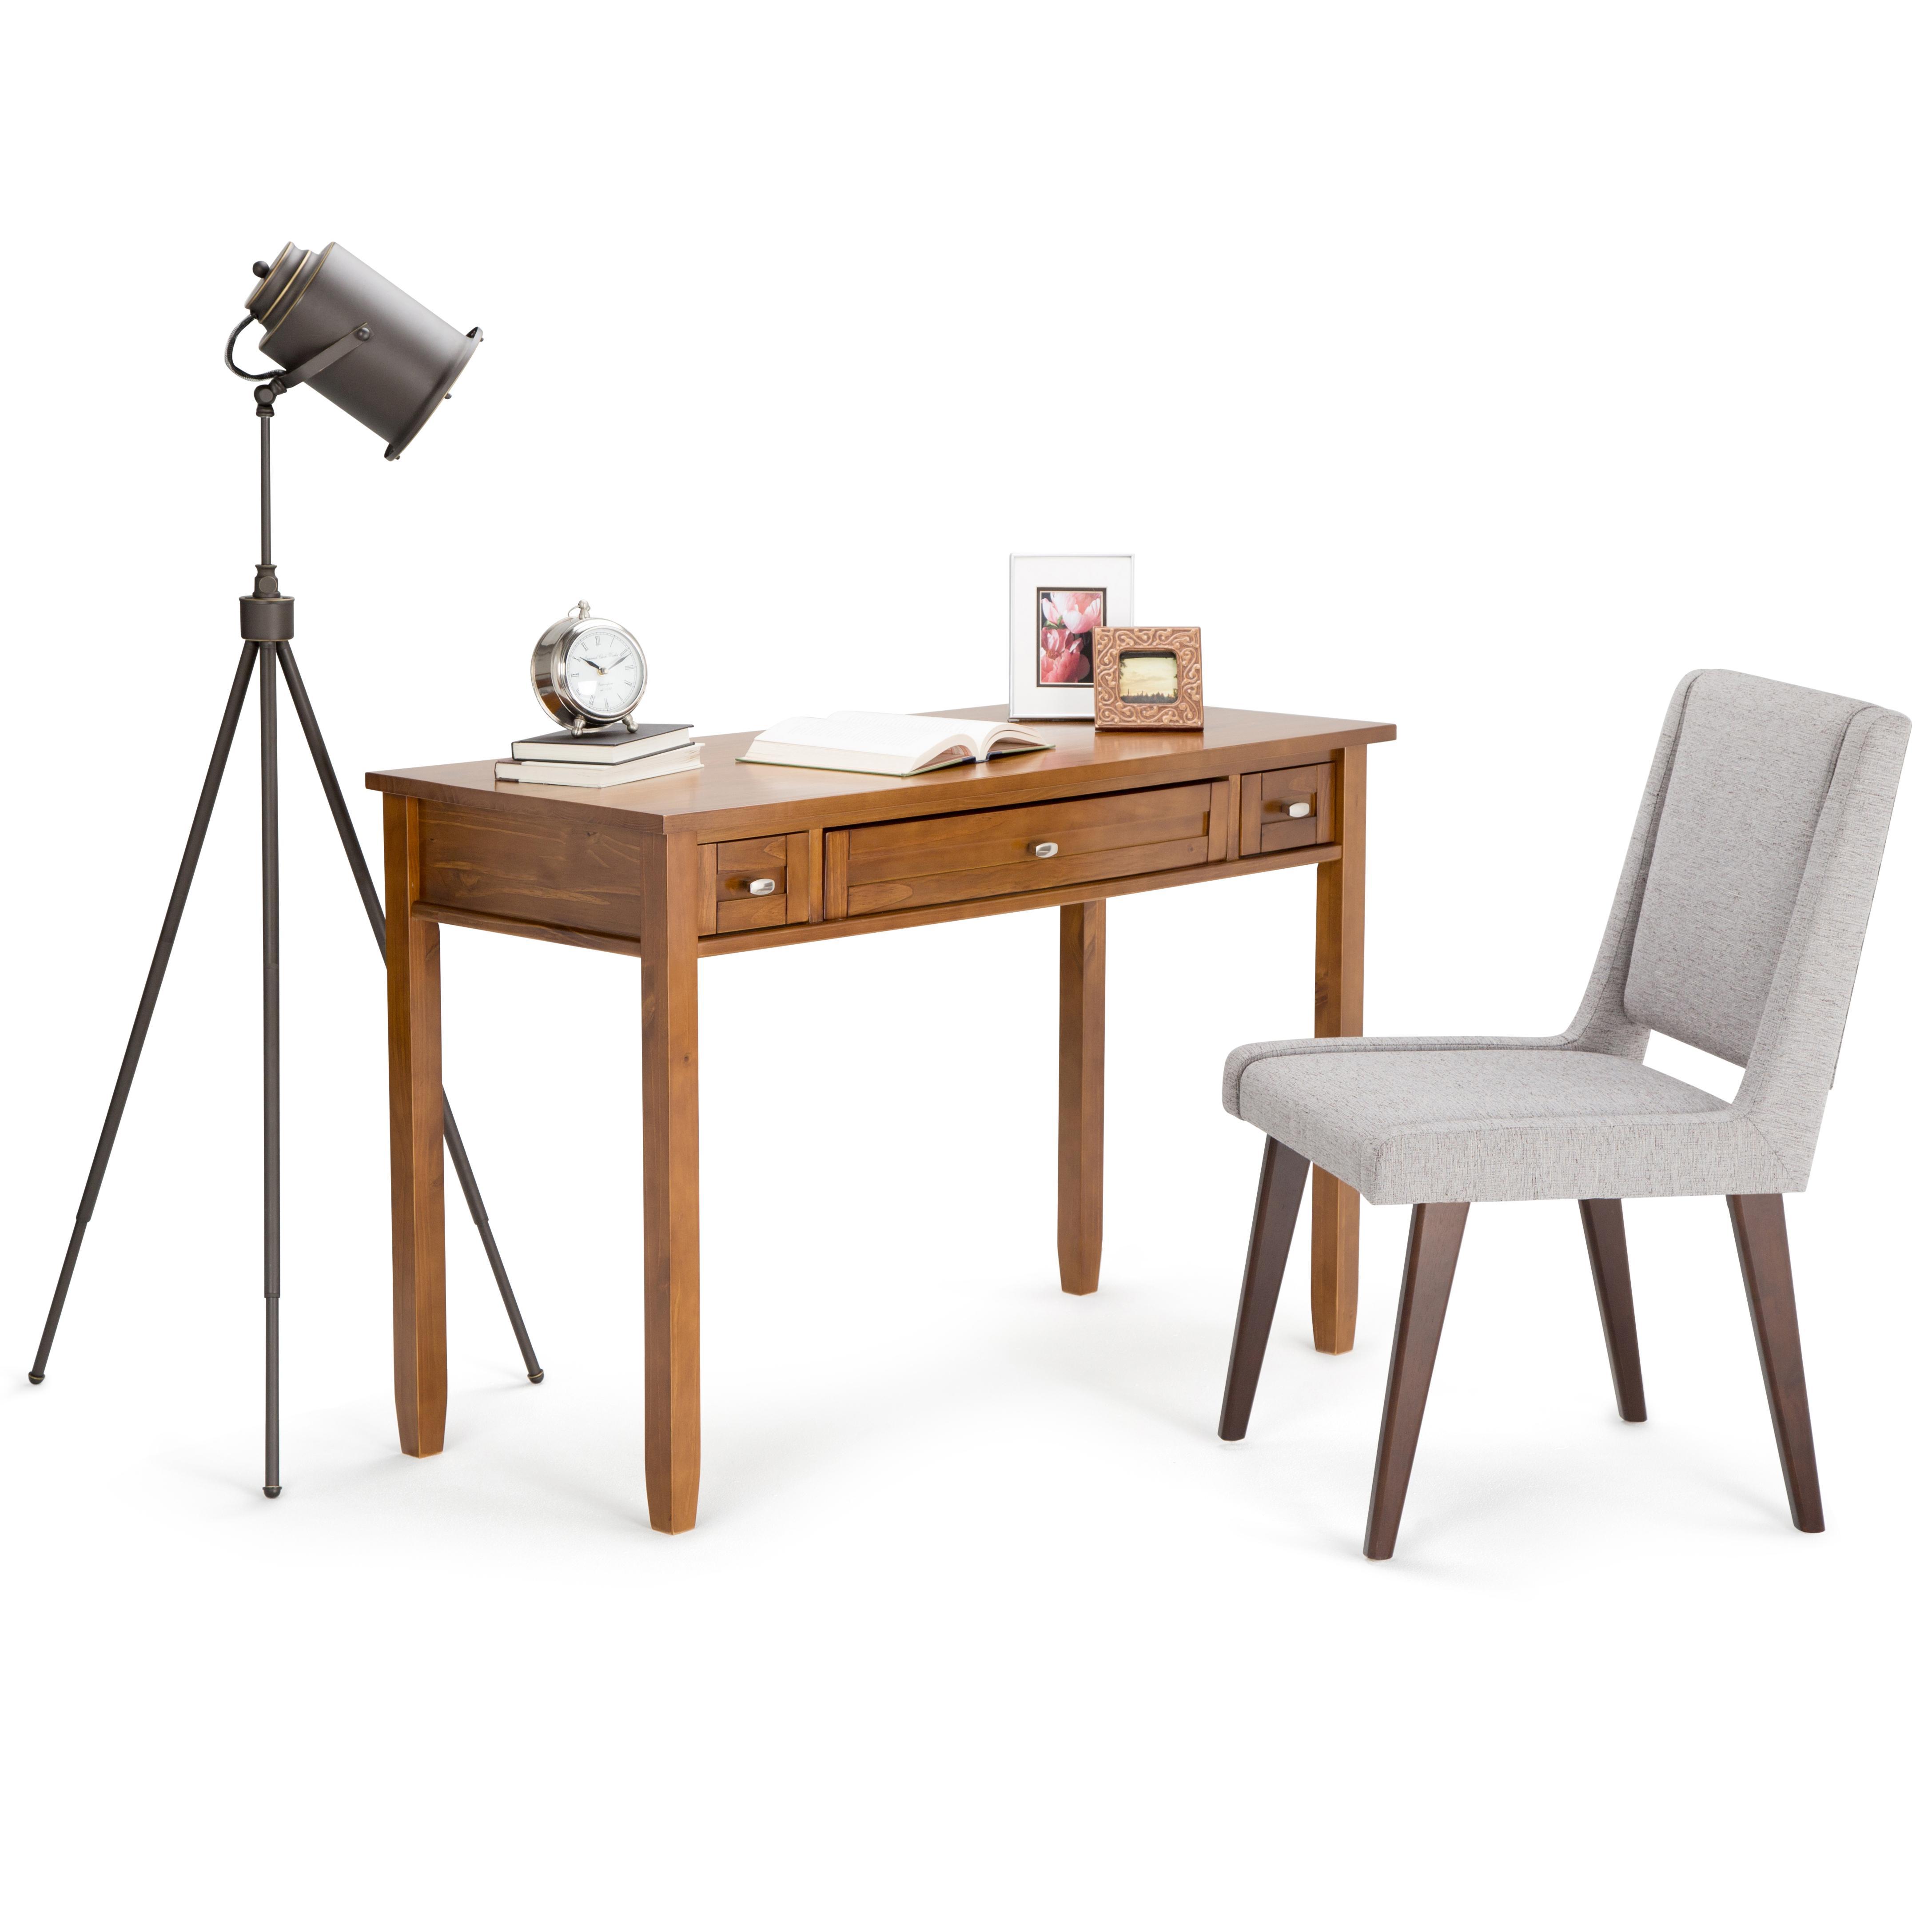 simpli home warm shaker solid wood desk honey brown kitchen dining. Black Bedroom Furniture Sets. Home Design Ideas